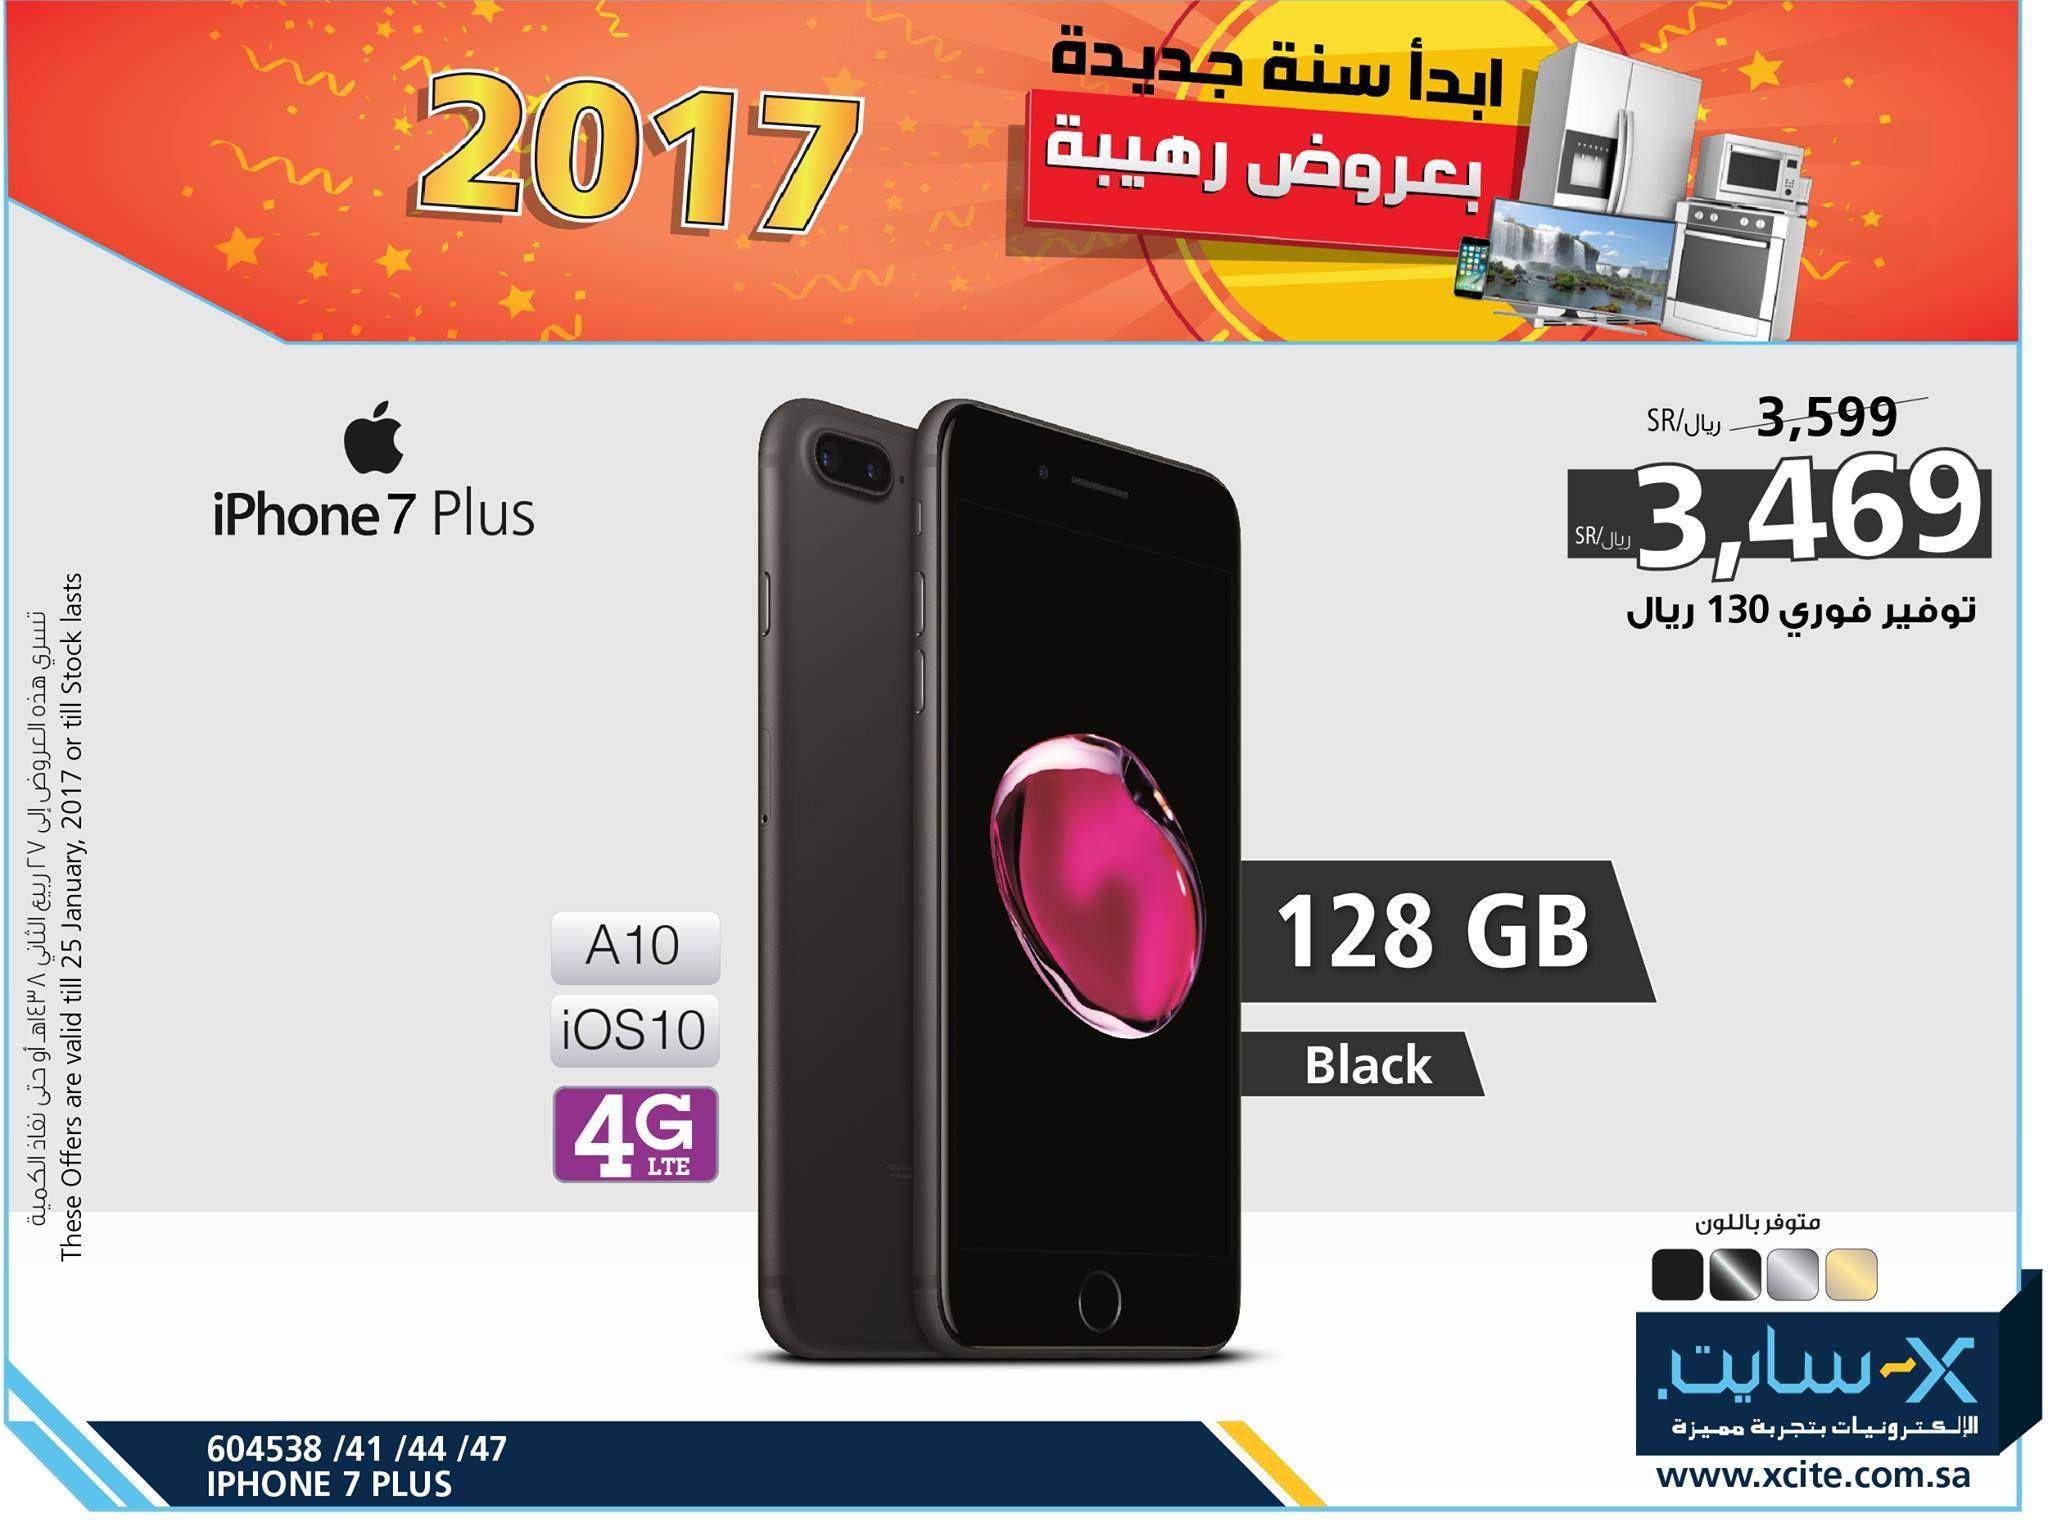 سعر ايفون 7 Iphone بلس سعة 128 جيجا في اكسايت عروض اليوم Iphone 7 4g Lte Electronic Products